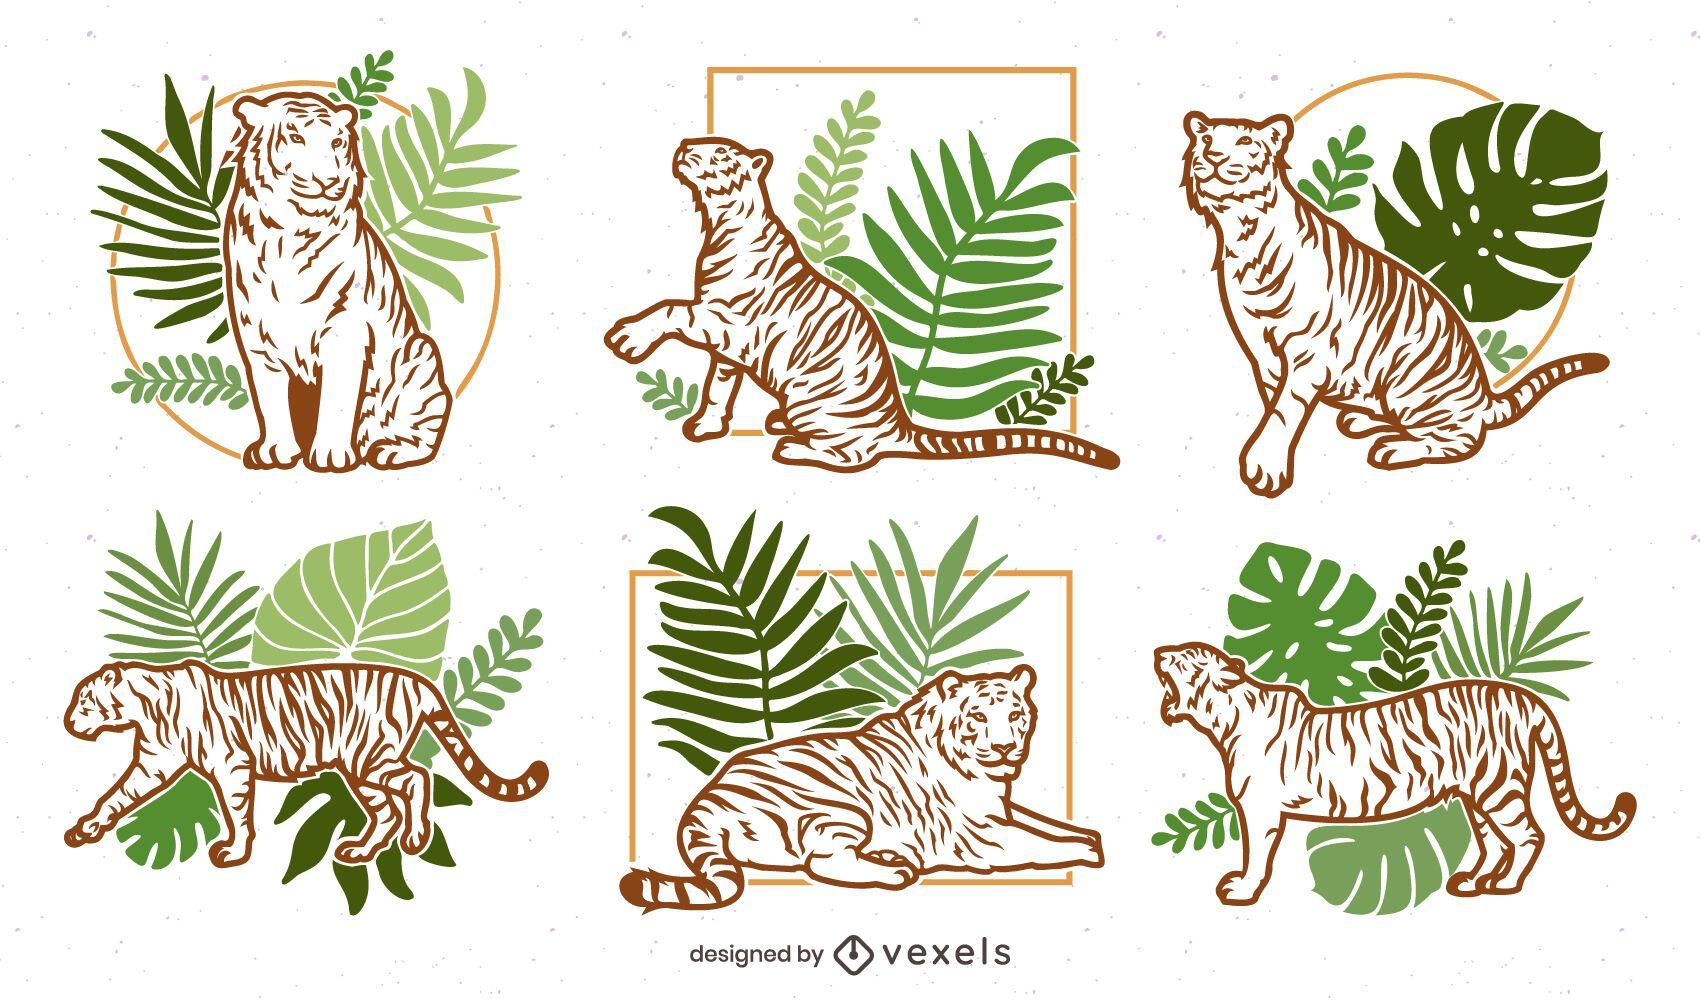 Tiger Nature Illustration Design Pack